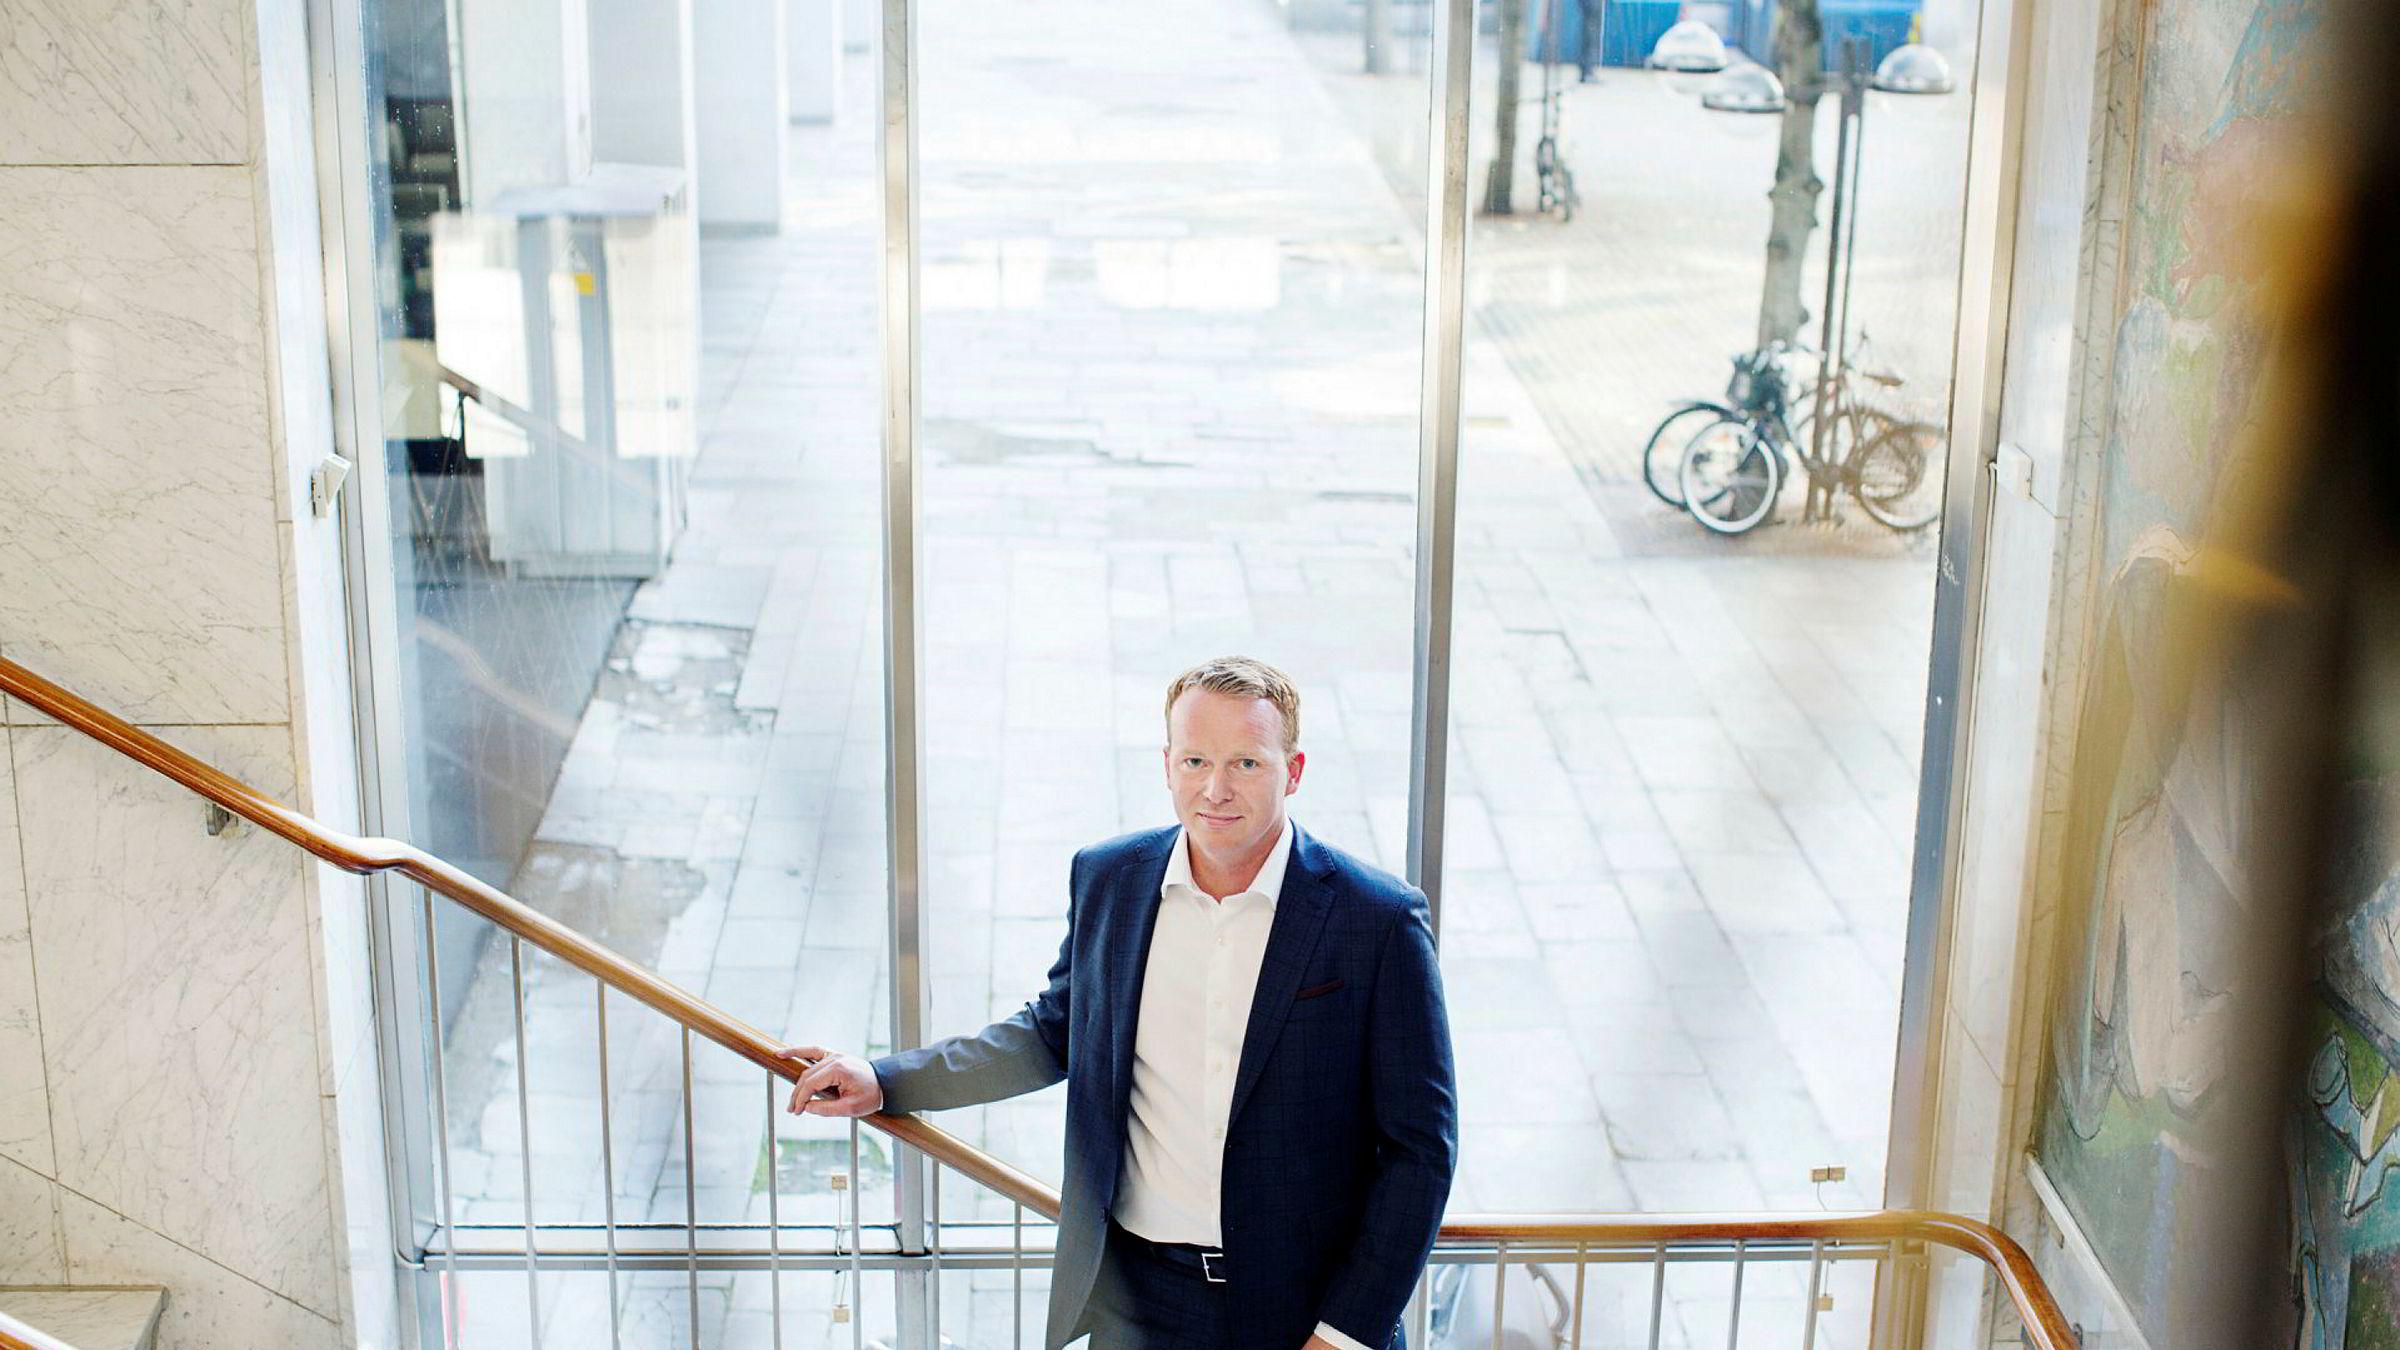 Analysesjef Lars-Daniel Westby i Sparebank 1 Markets har tro på flyselskapet SAS fremover.